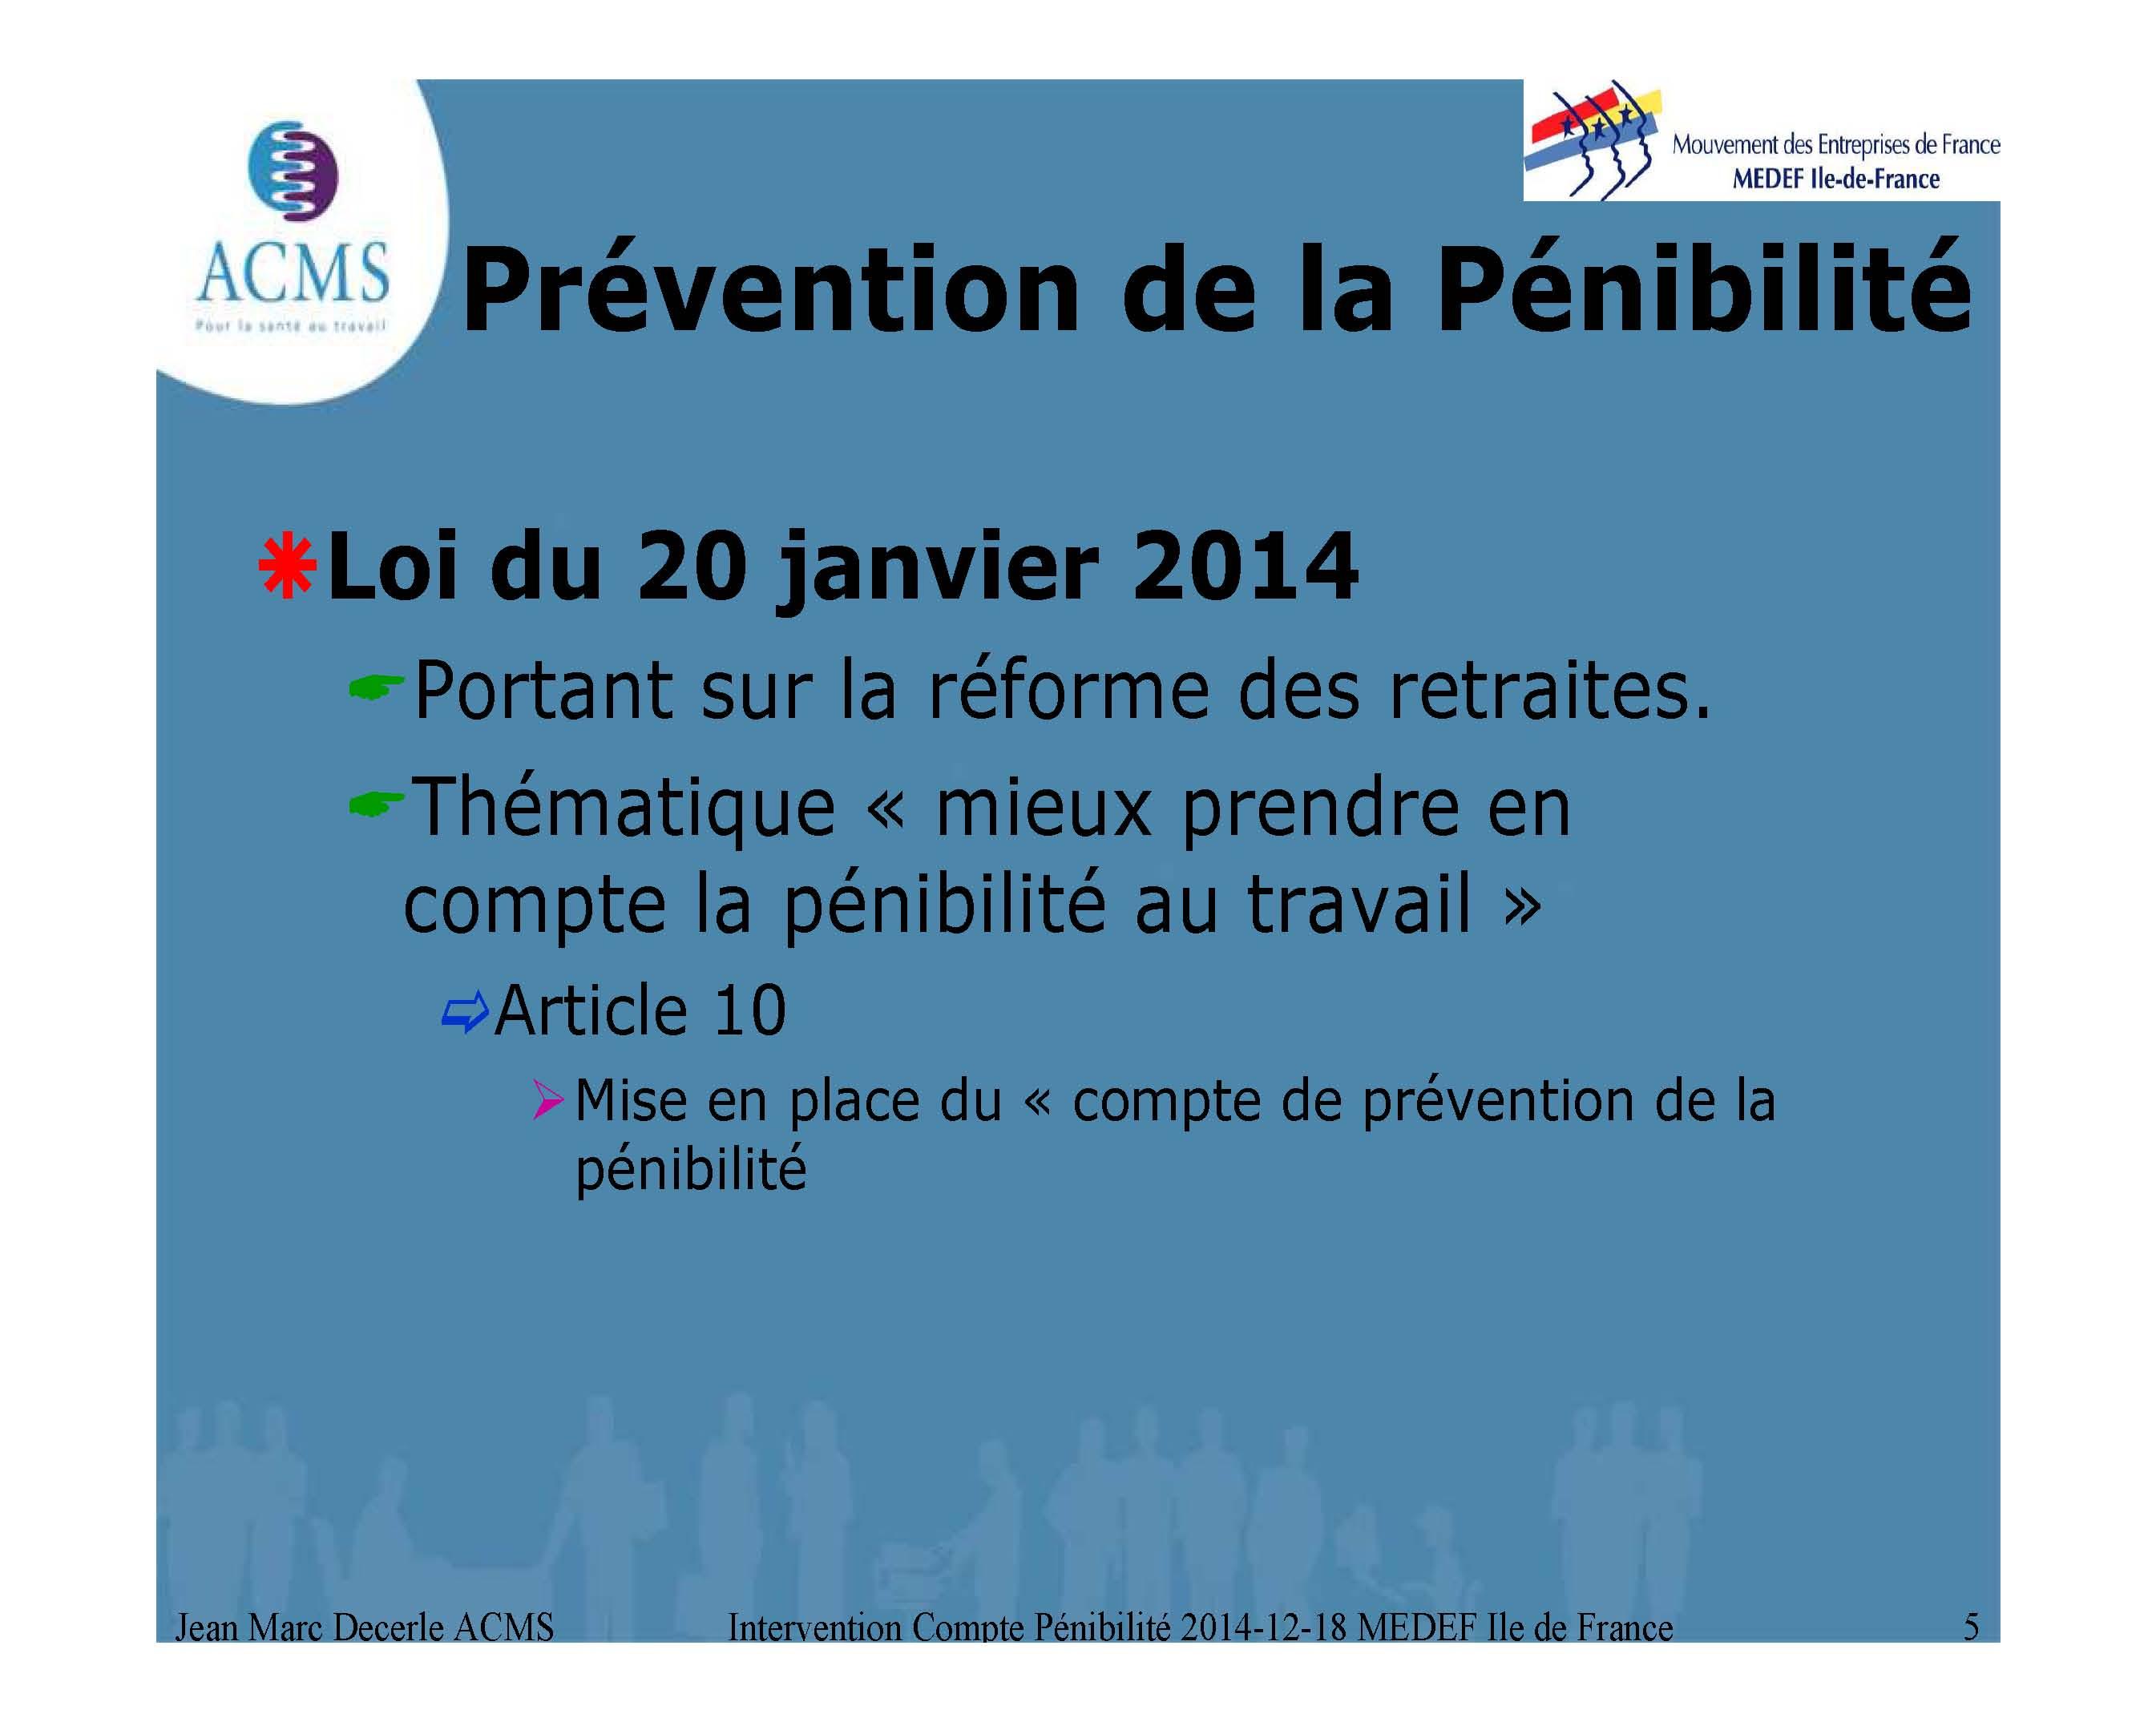 2014-12-18 Compte Pénibilite MEDEF Ile de France_Page_05